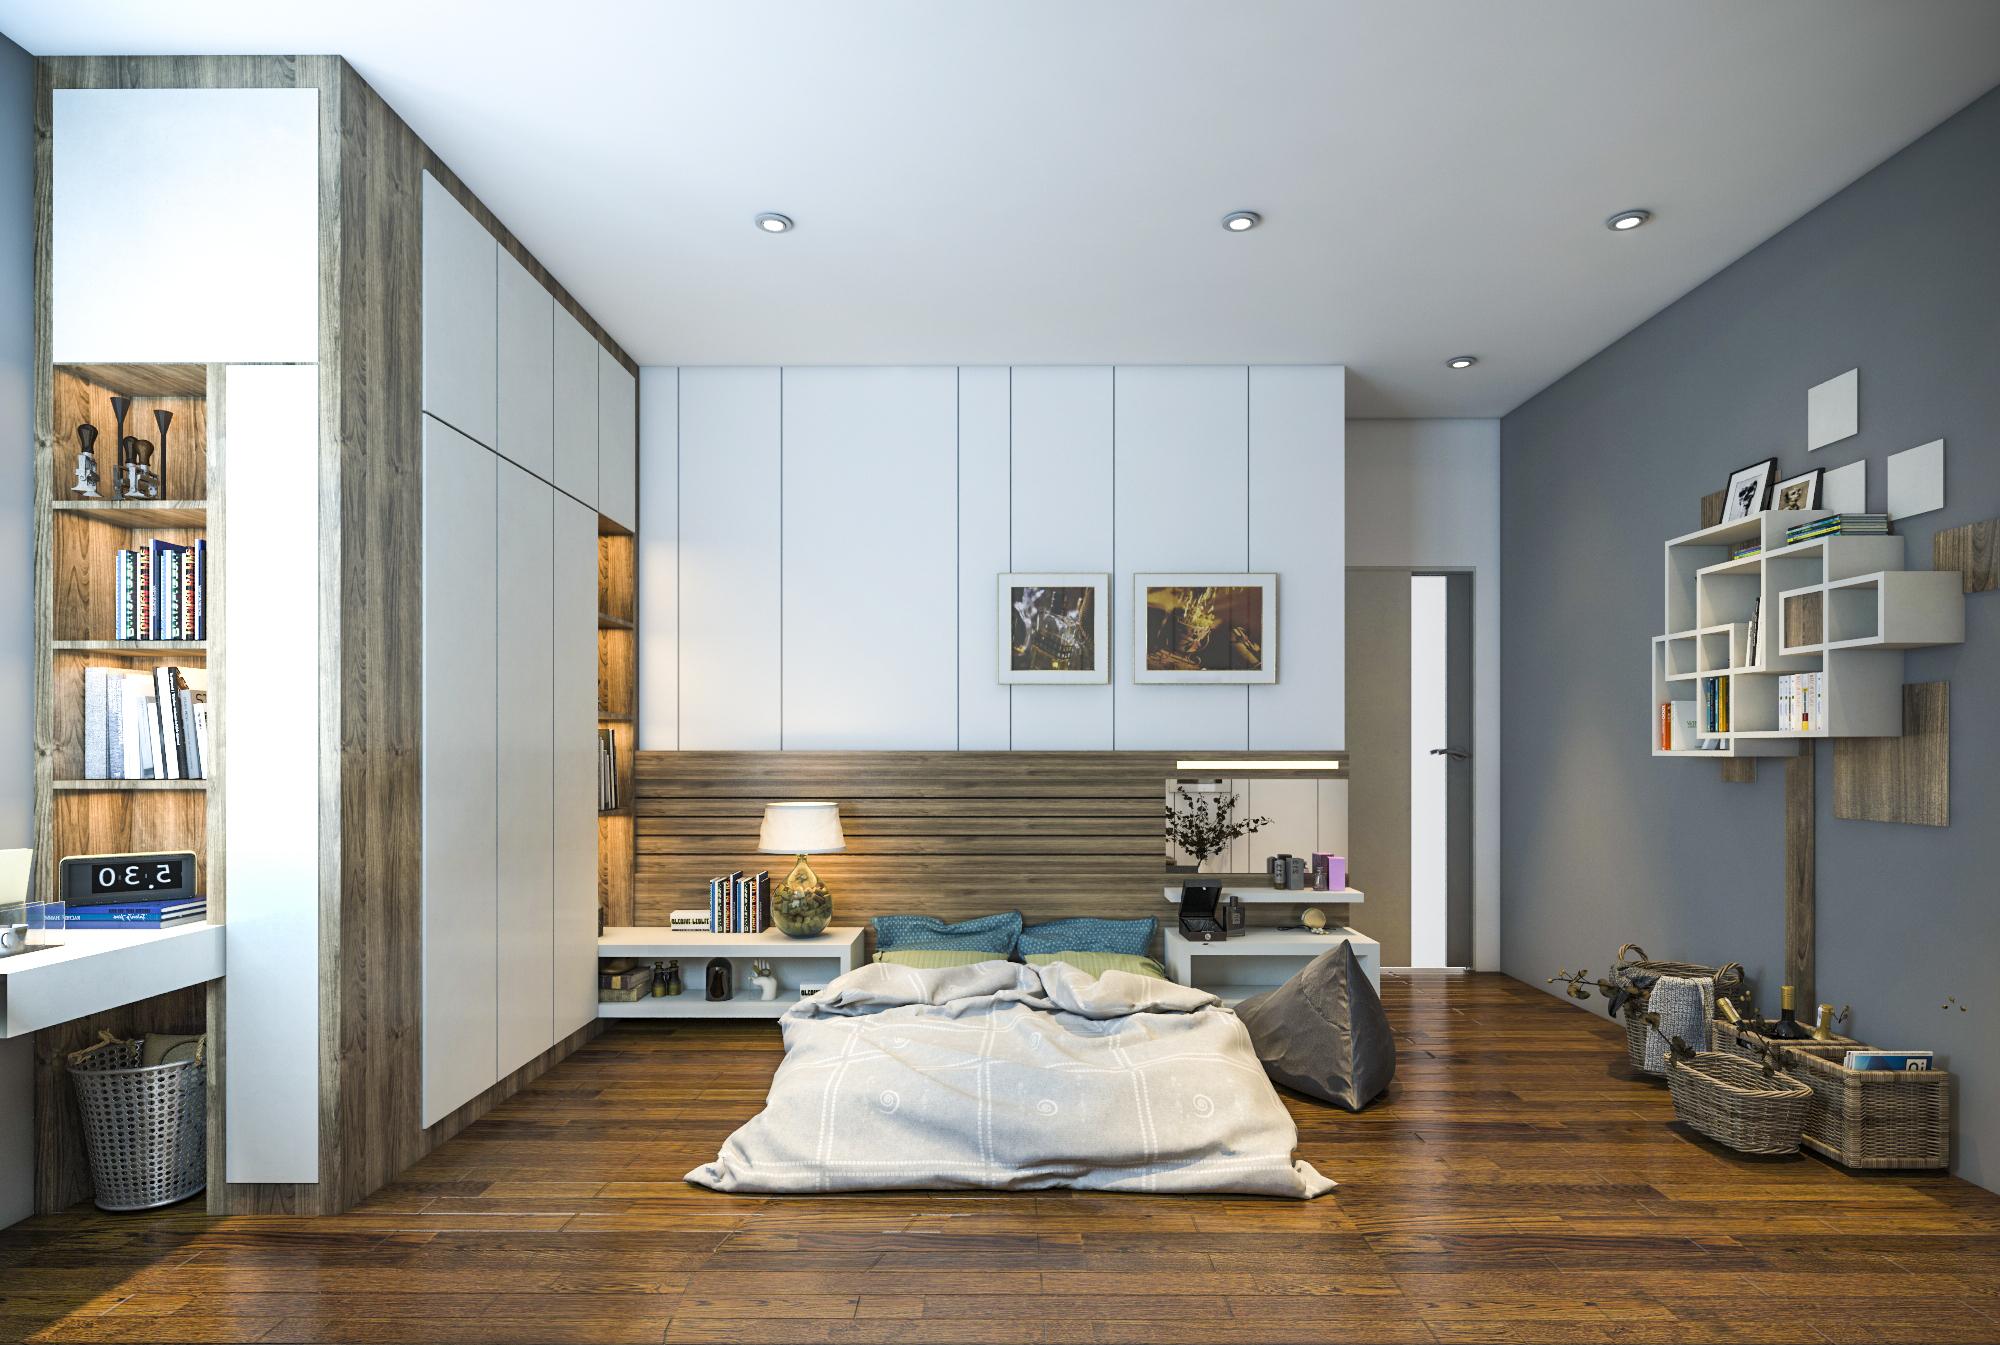 thiết kế nội thất chung cư tại Hồ Chí Minh Ms. Ly Apartment 12 1562574640